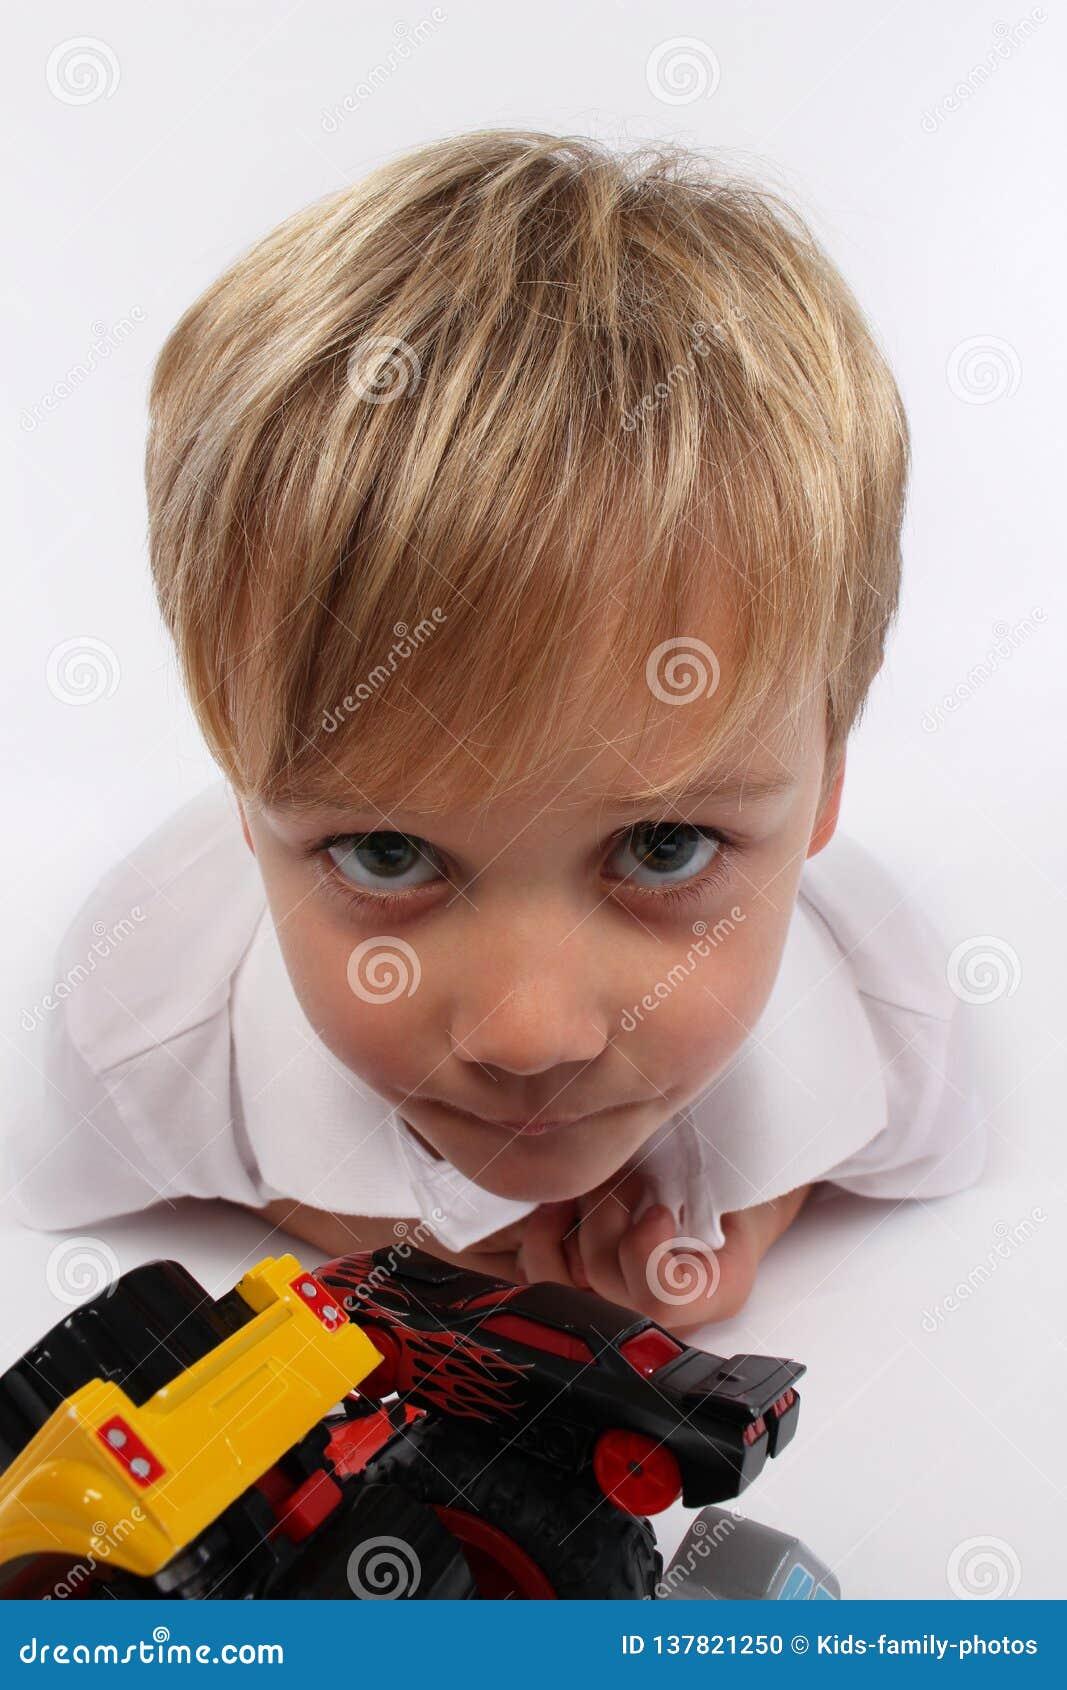 Der Kinderjunge, der dumme Gesichter macht und wünscht Sie spielen